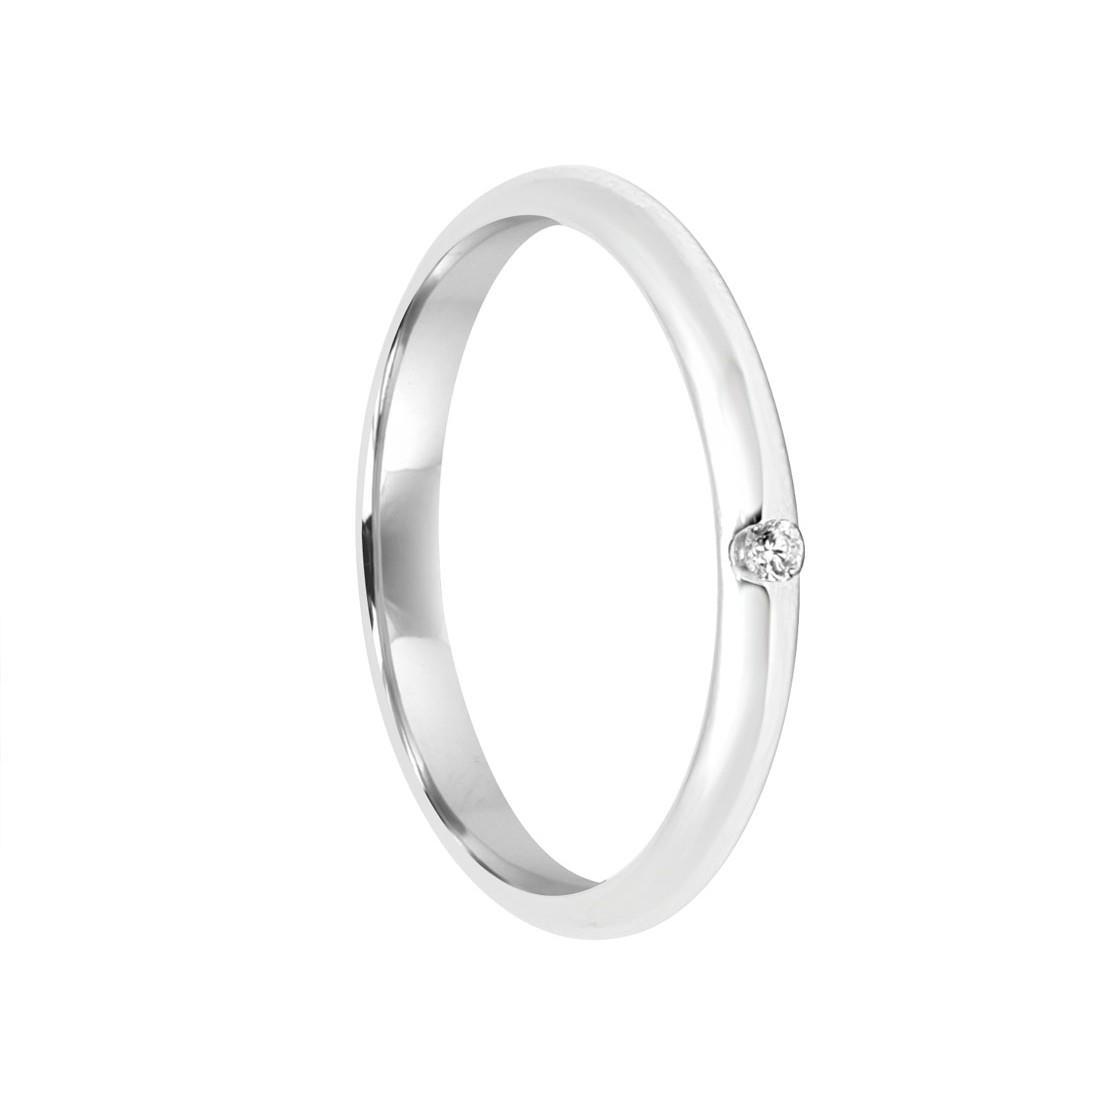 Anello in oro bianco con diamante ct 0.035 misura 24 - DAMIANI